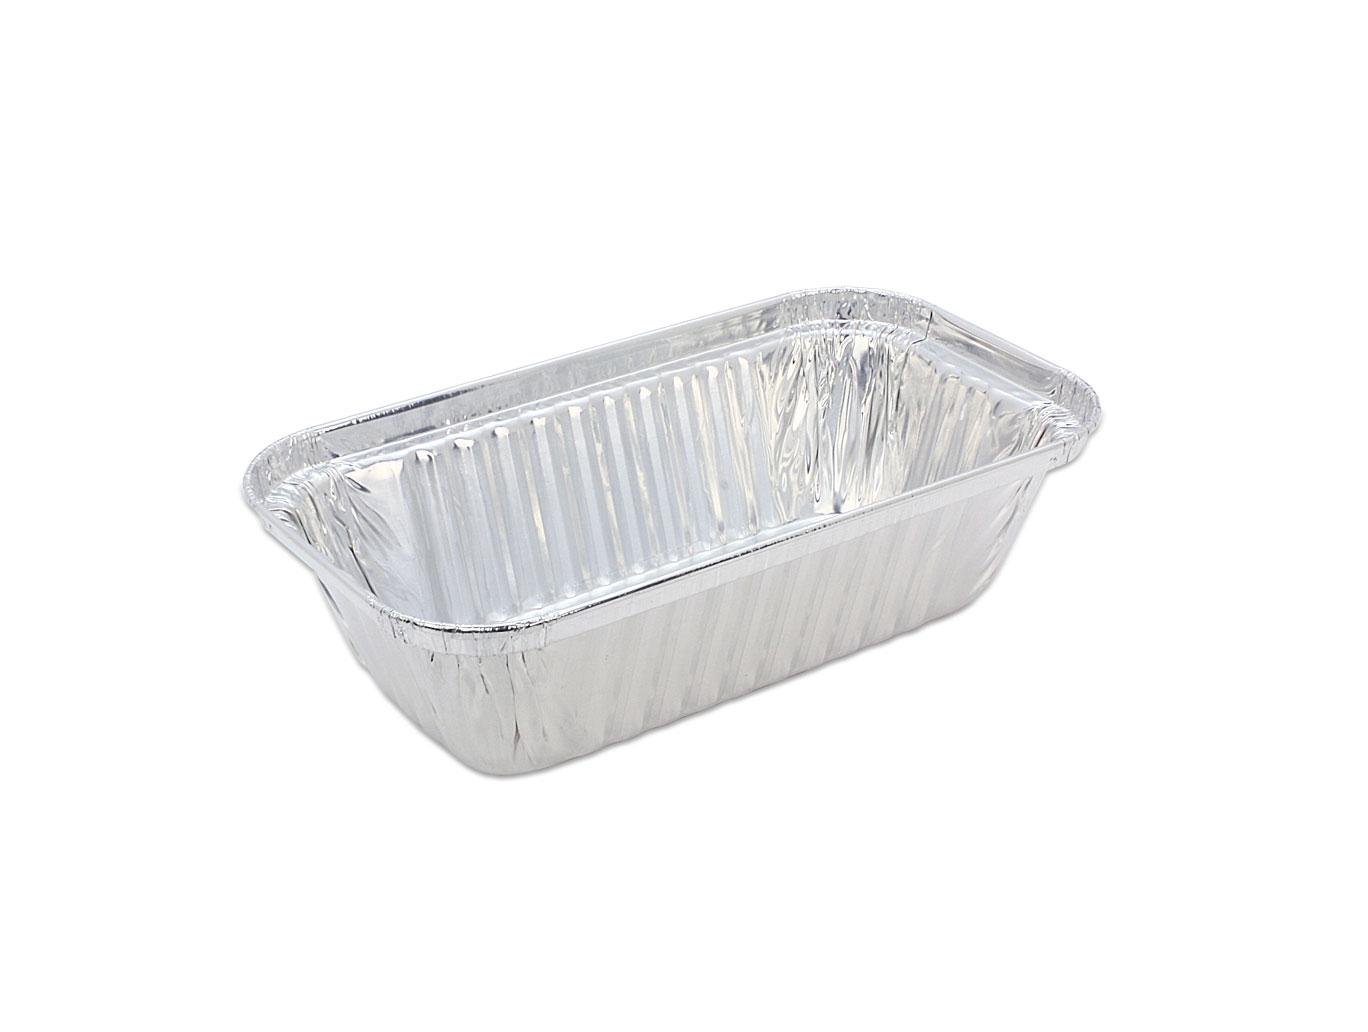 鋁箔容器、錫箔、焗烤盒、水果條  方形 671 (125pcs/包)(鋁紙蓋選配)